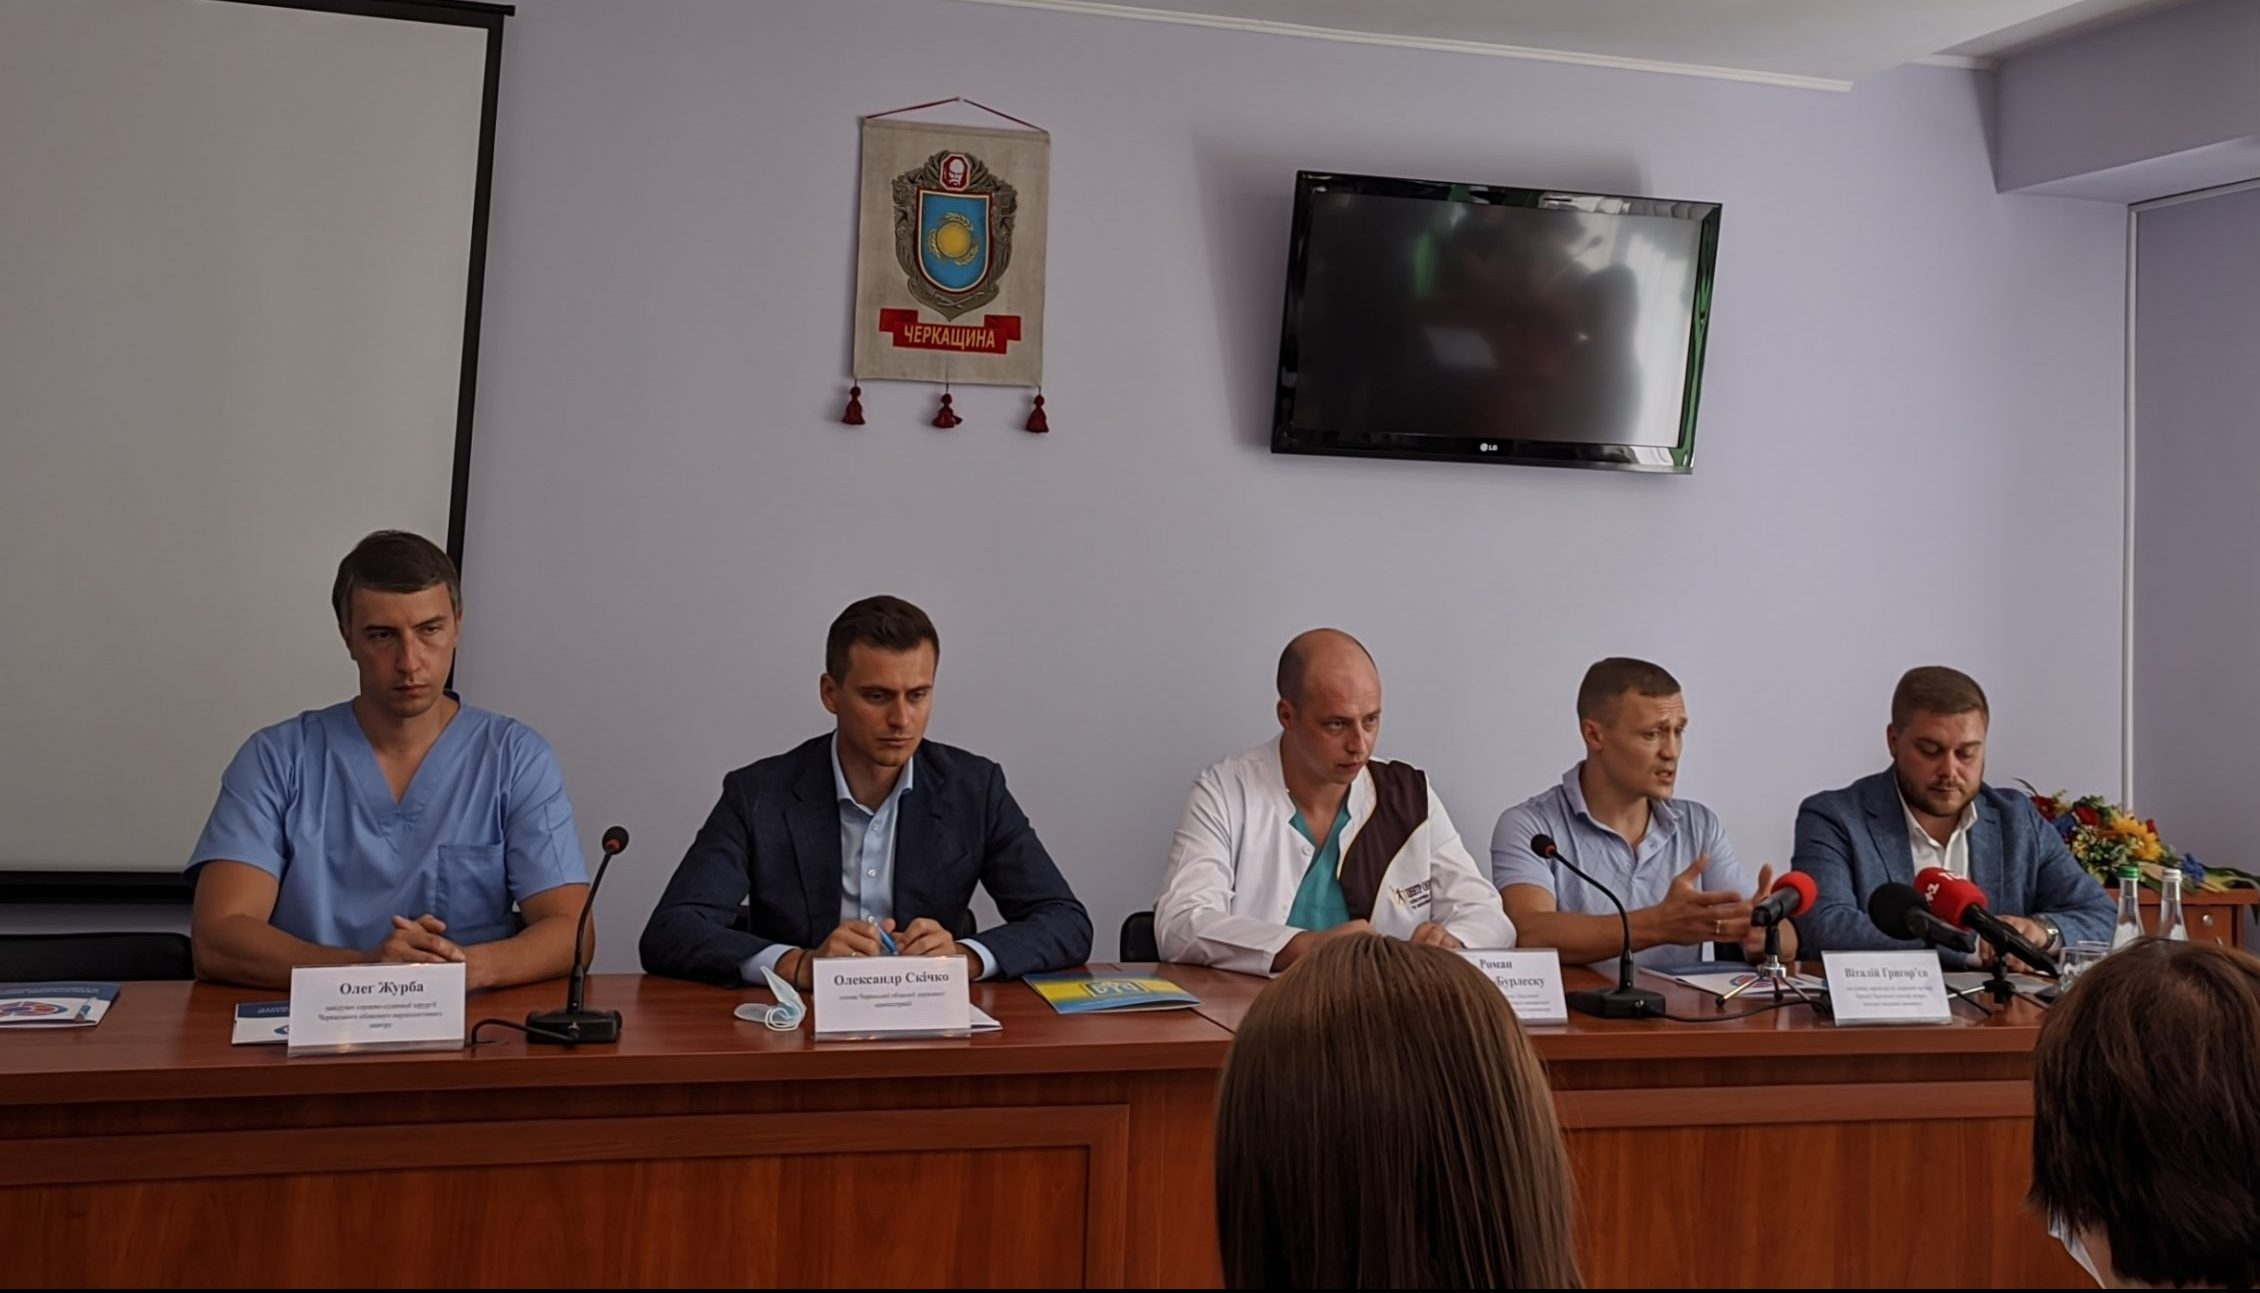 Уперше на Черкащині здійснили посмертну трансплантацію органів (ФОТО, ВІДЕО)